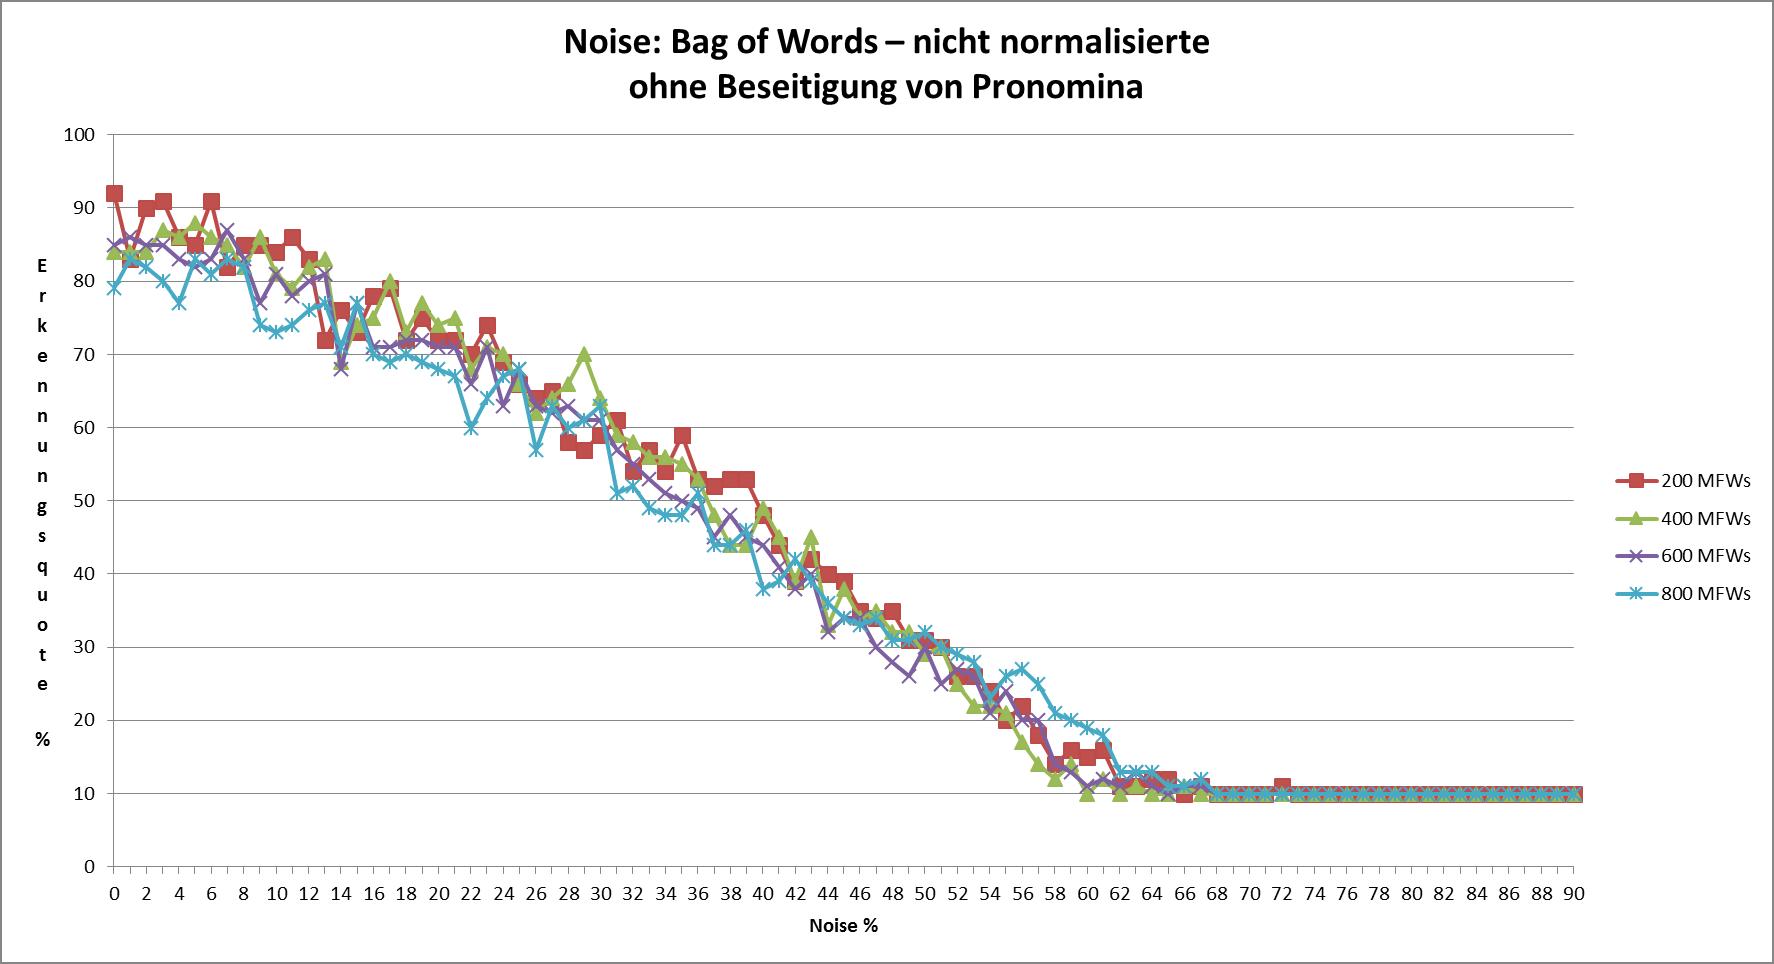 Abb. 20: Noise bei                                     nicht-normalisierten Texten ohne Beseitigung von Pronomina                                     [Friedrich Michael Dimpel, 2017. Lizenziert unter Creative                                     Commons Namensnennung 4.0 International (CC-BY)]